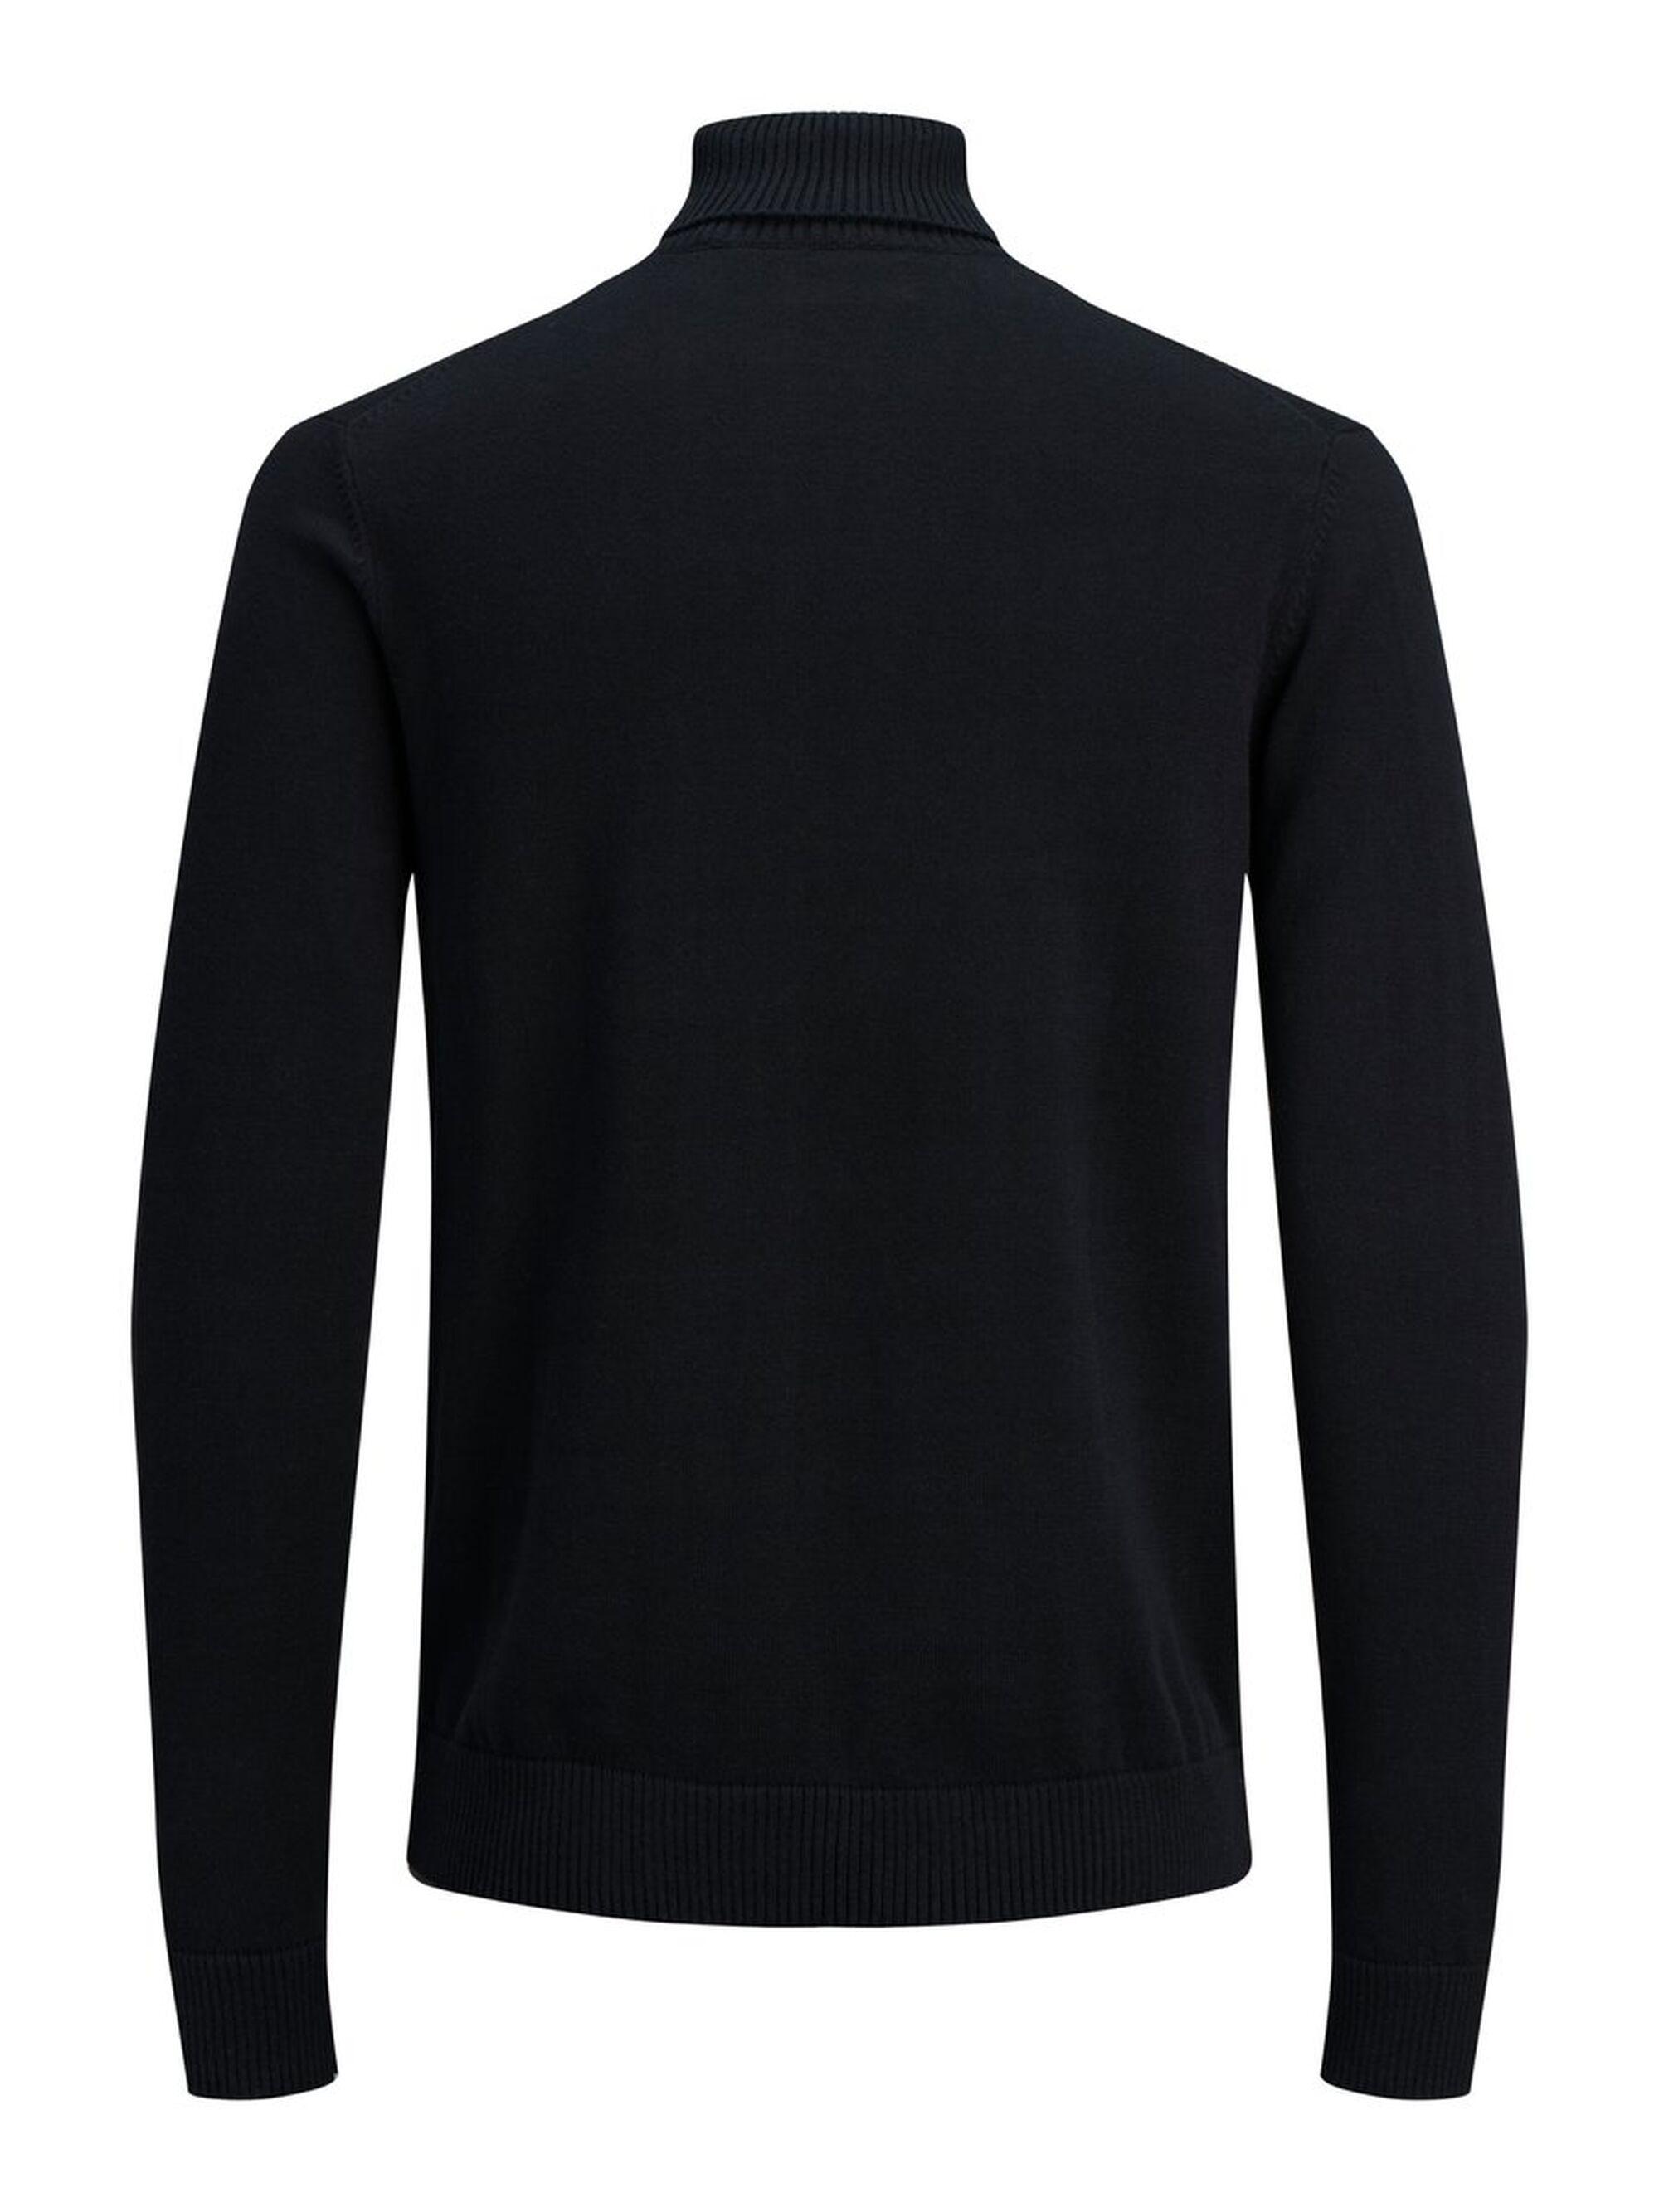 Produkt Roll-neck Sweater in het Zwart voor heren